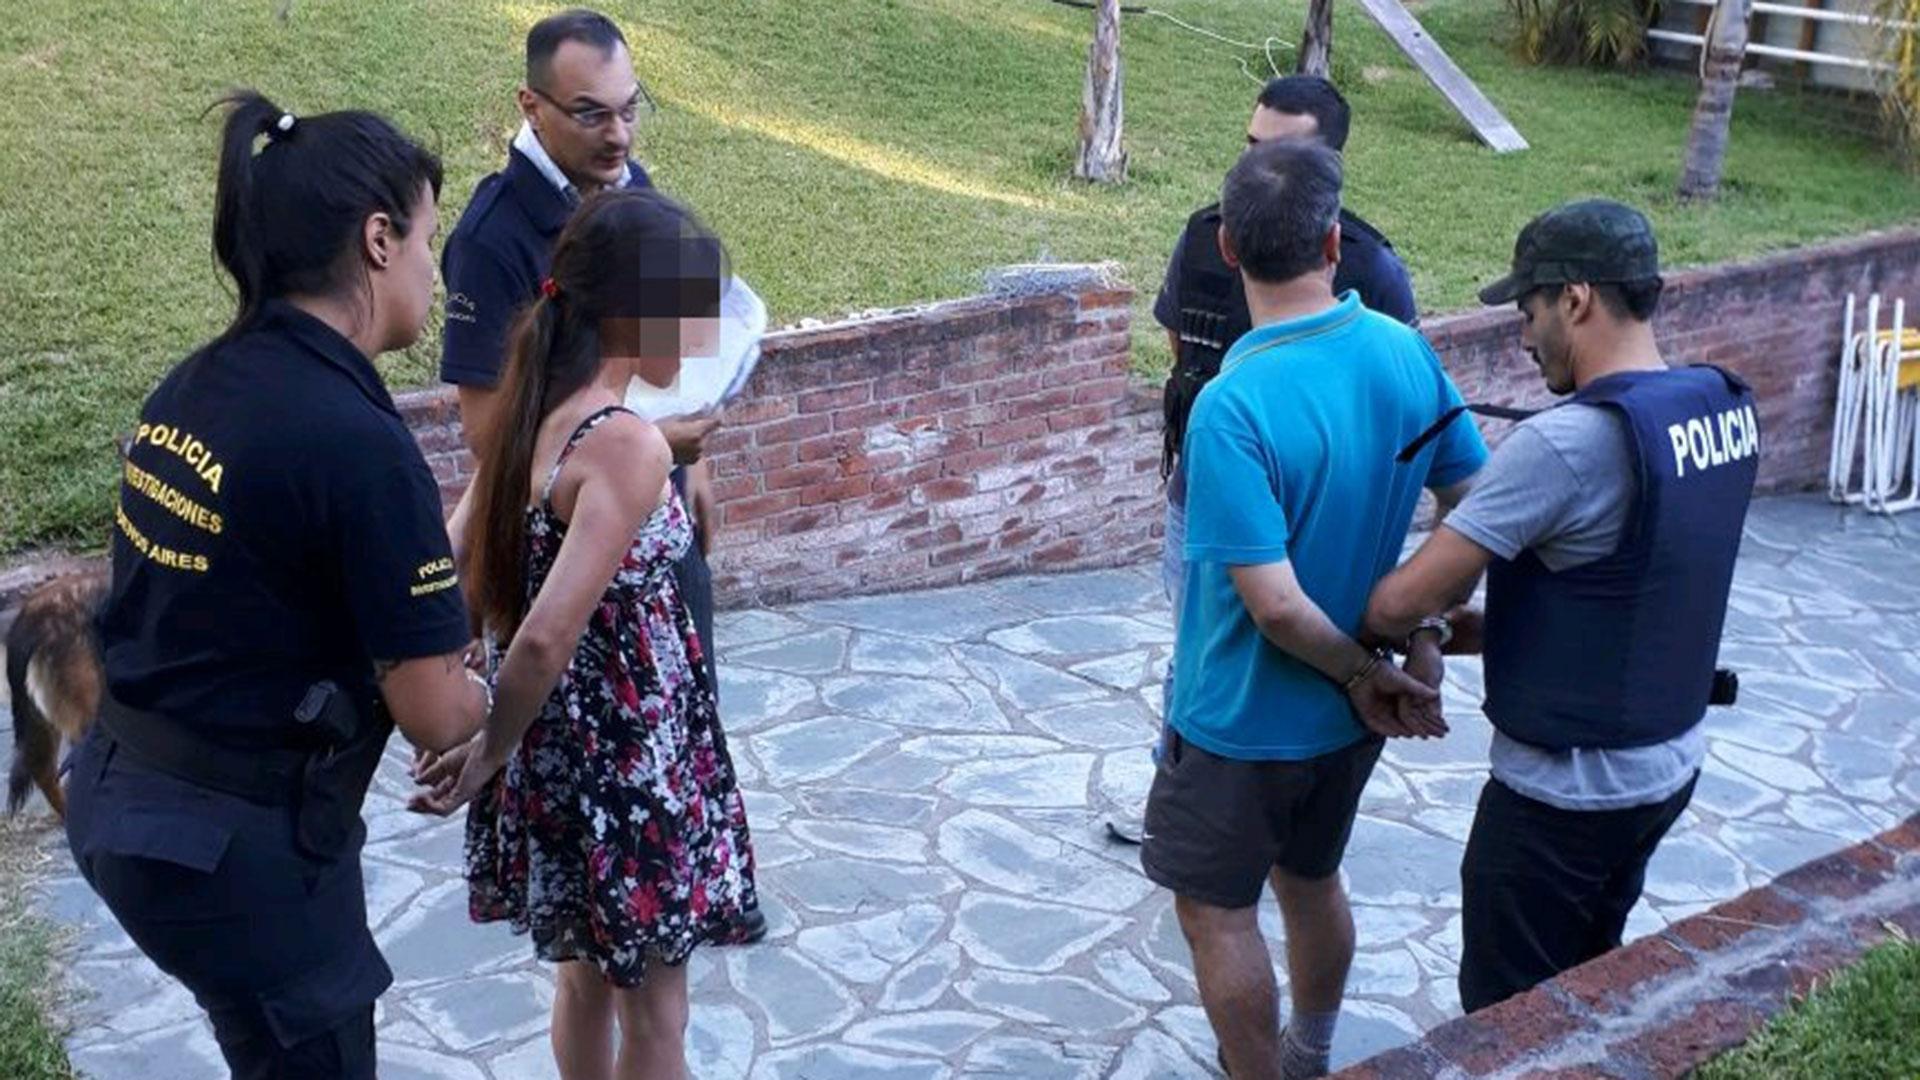 El concejal Galarza y su novia en el momento en que quedaron detenidos